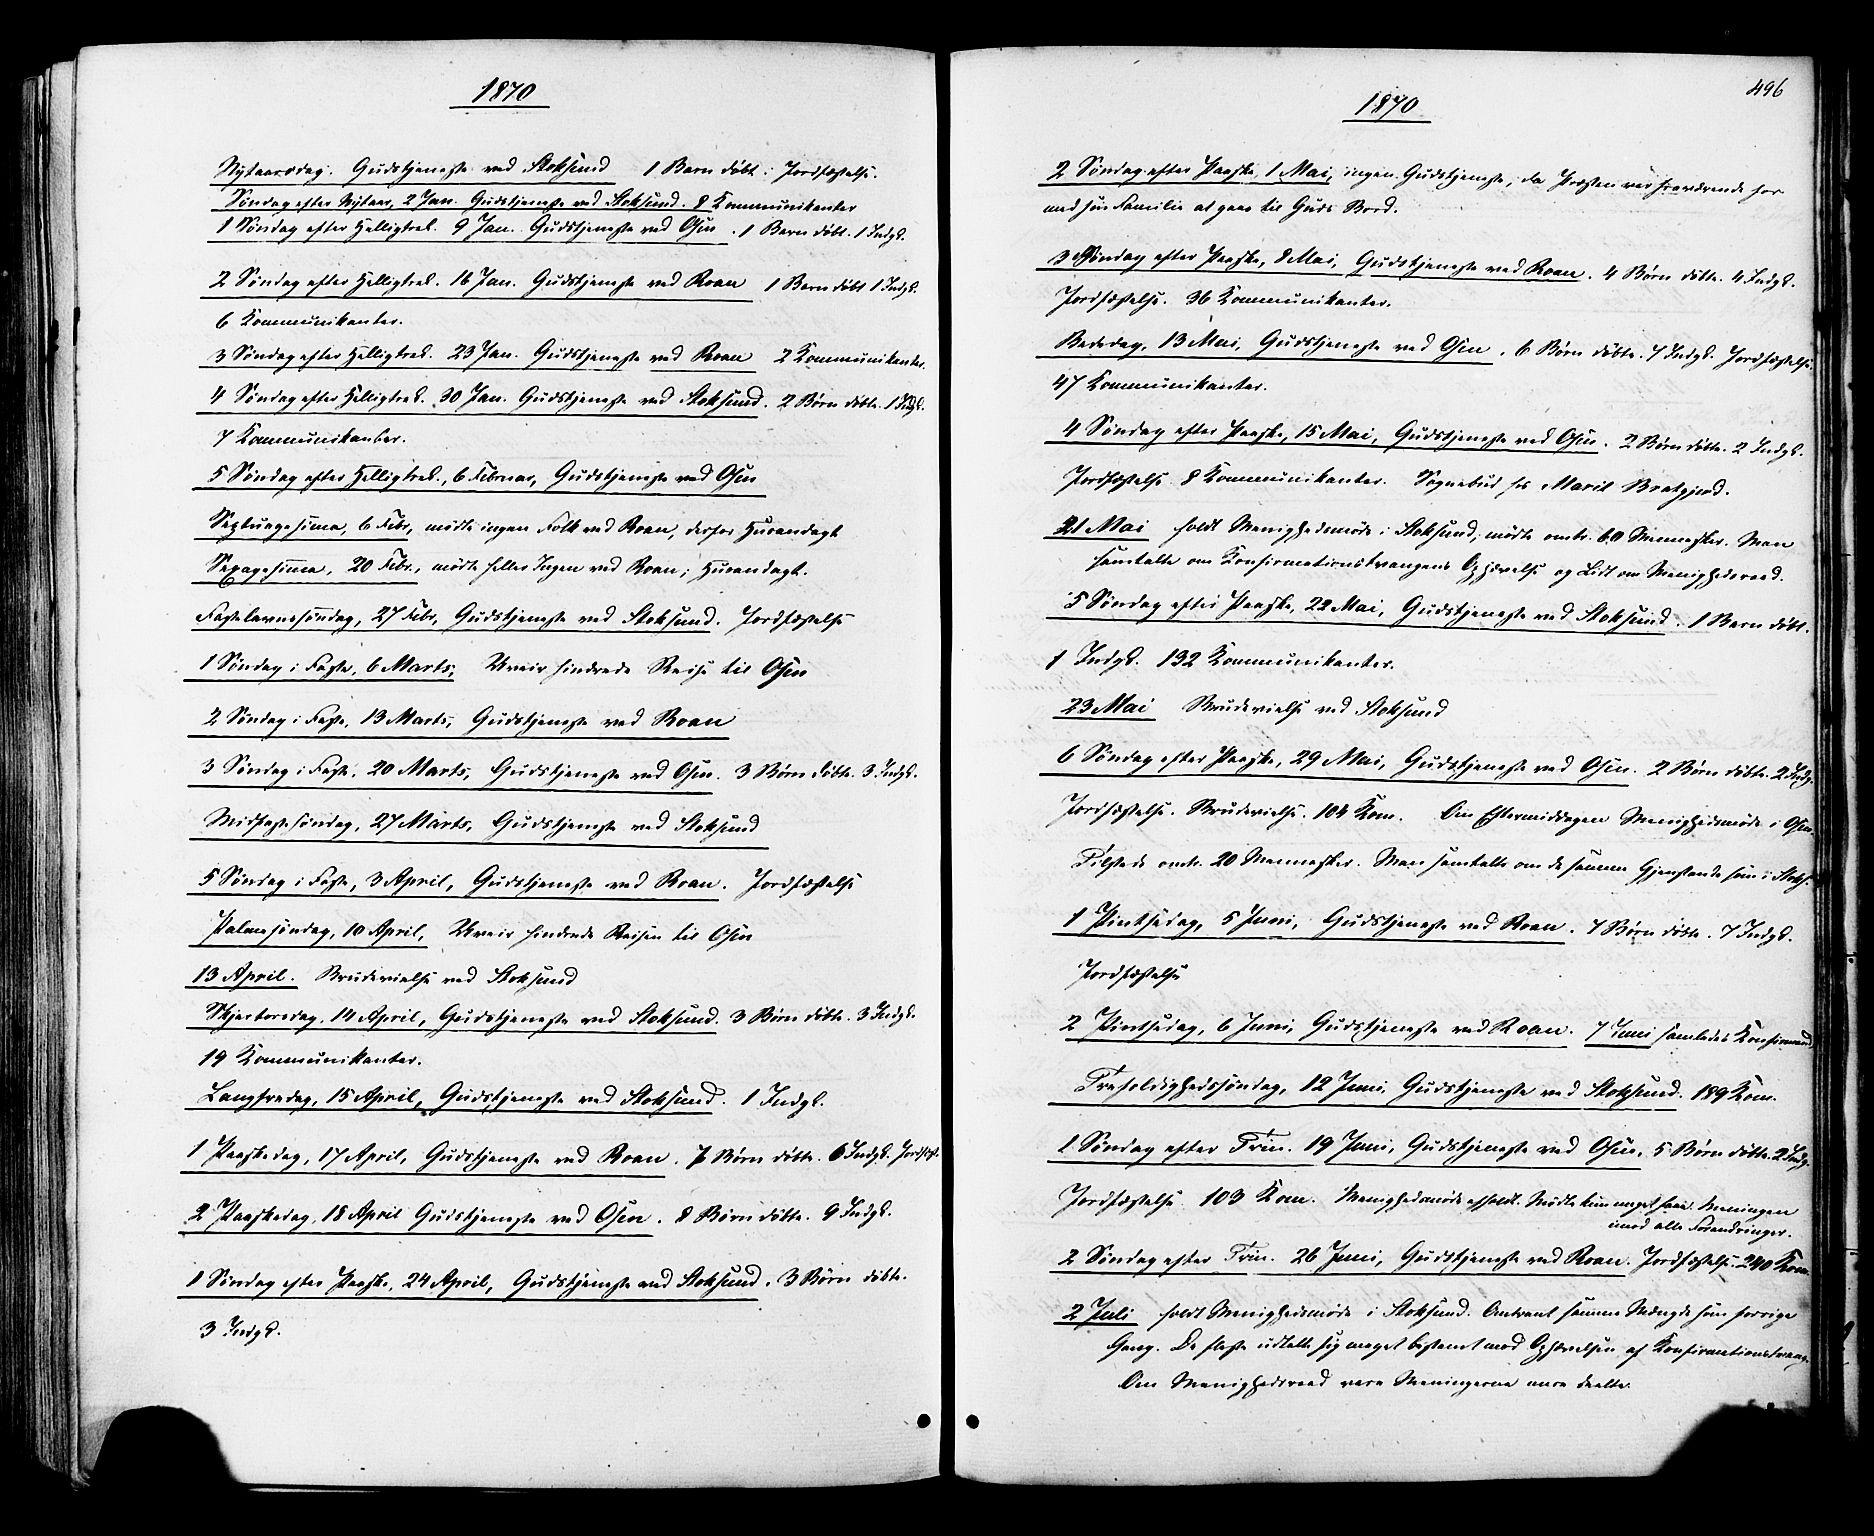 SAT, Ministerialprotokoller, klokkerbøker og fødselsregistre - Sør-Trøndelag, 657/L0706: Ministerialbok nr. 657A07, 1867-1878, s. 496